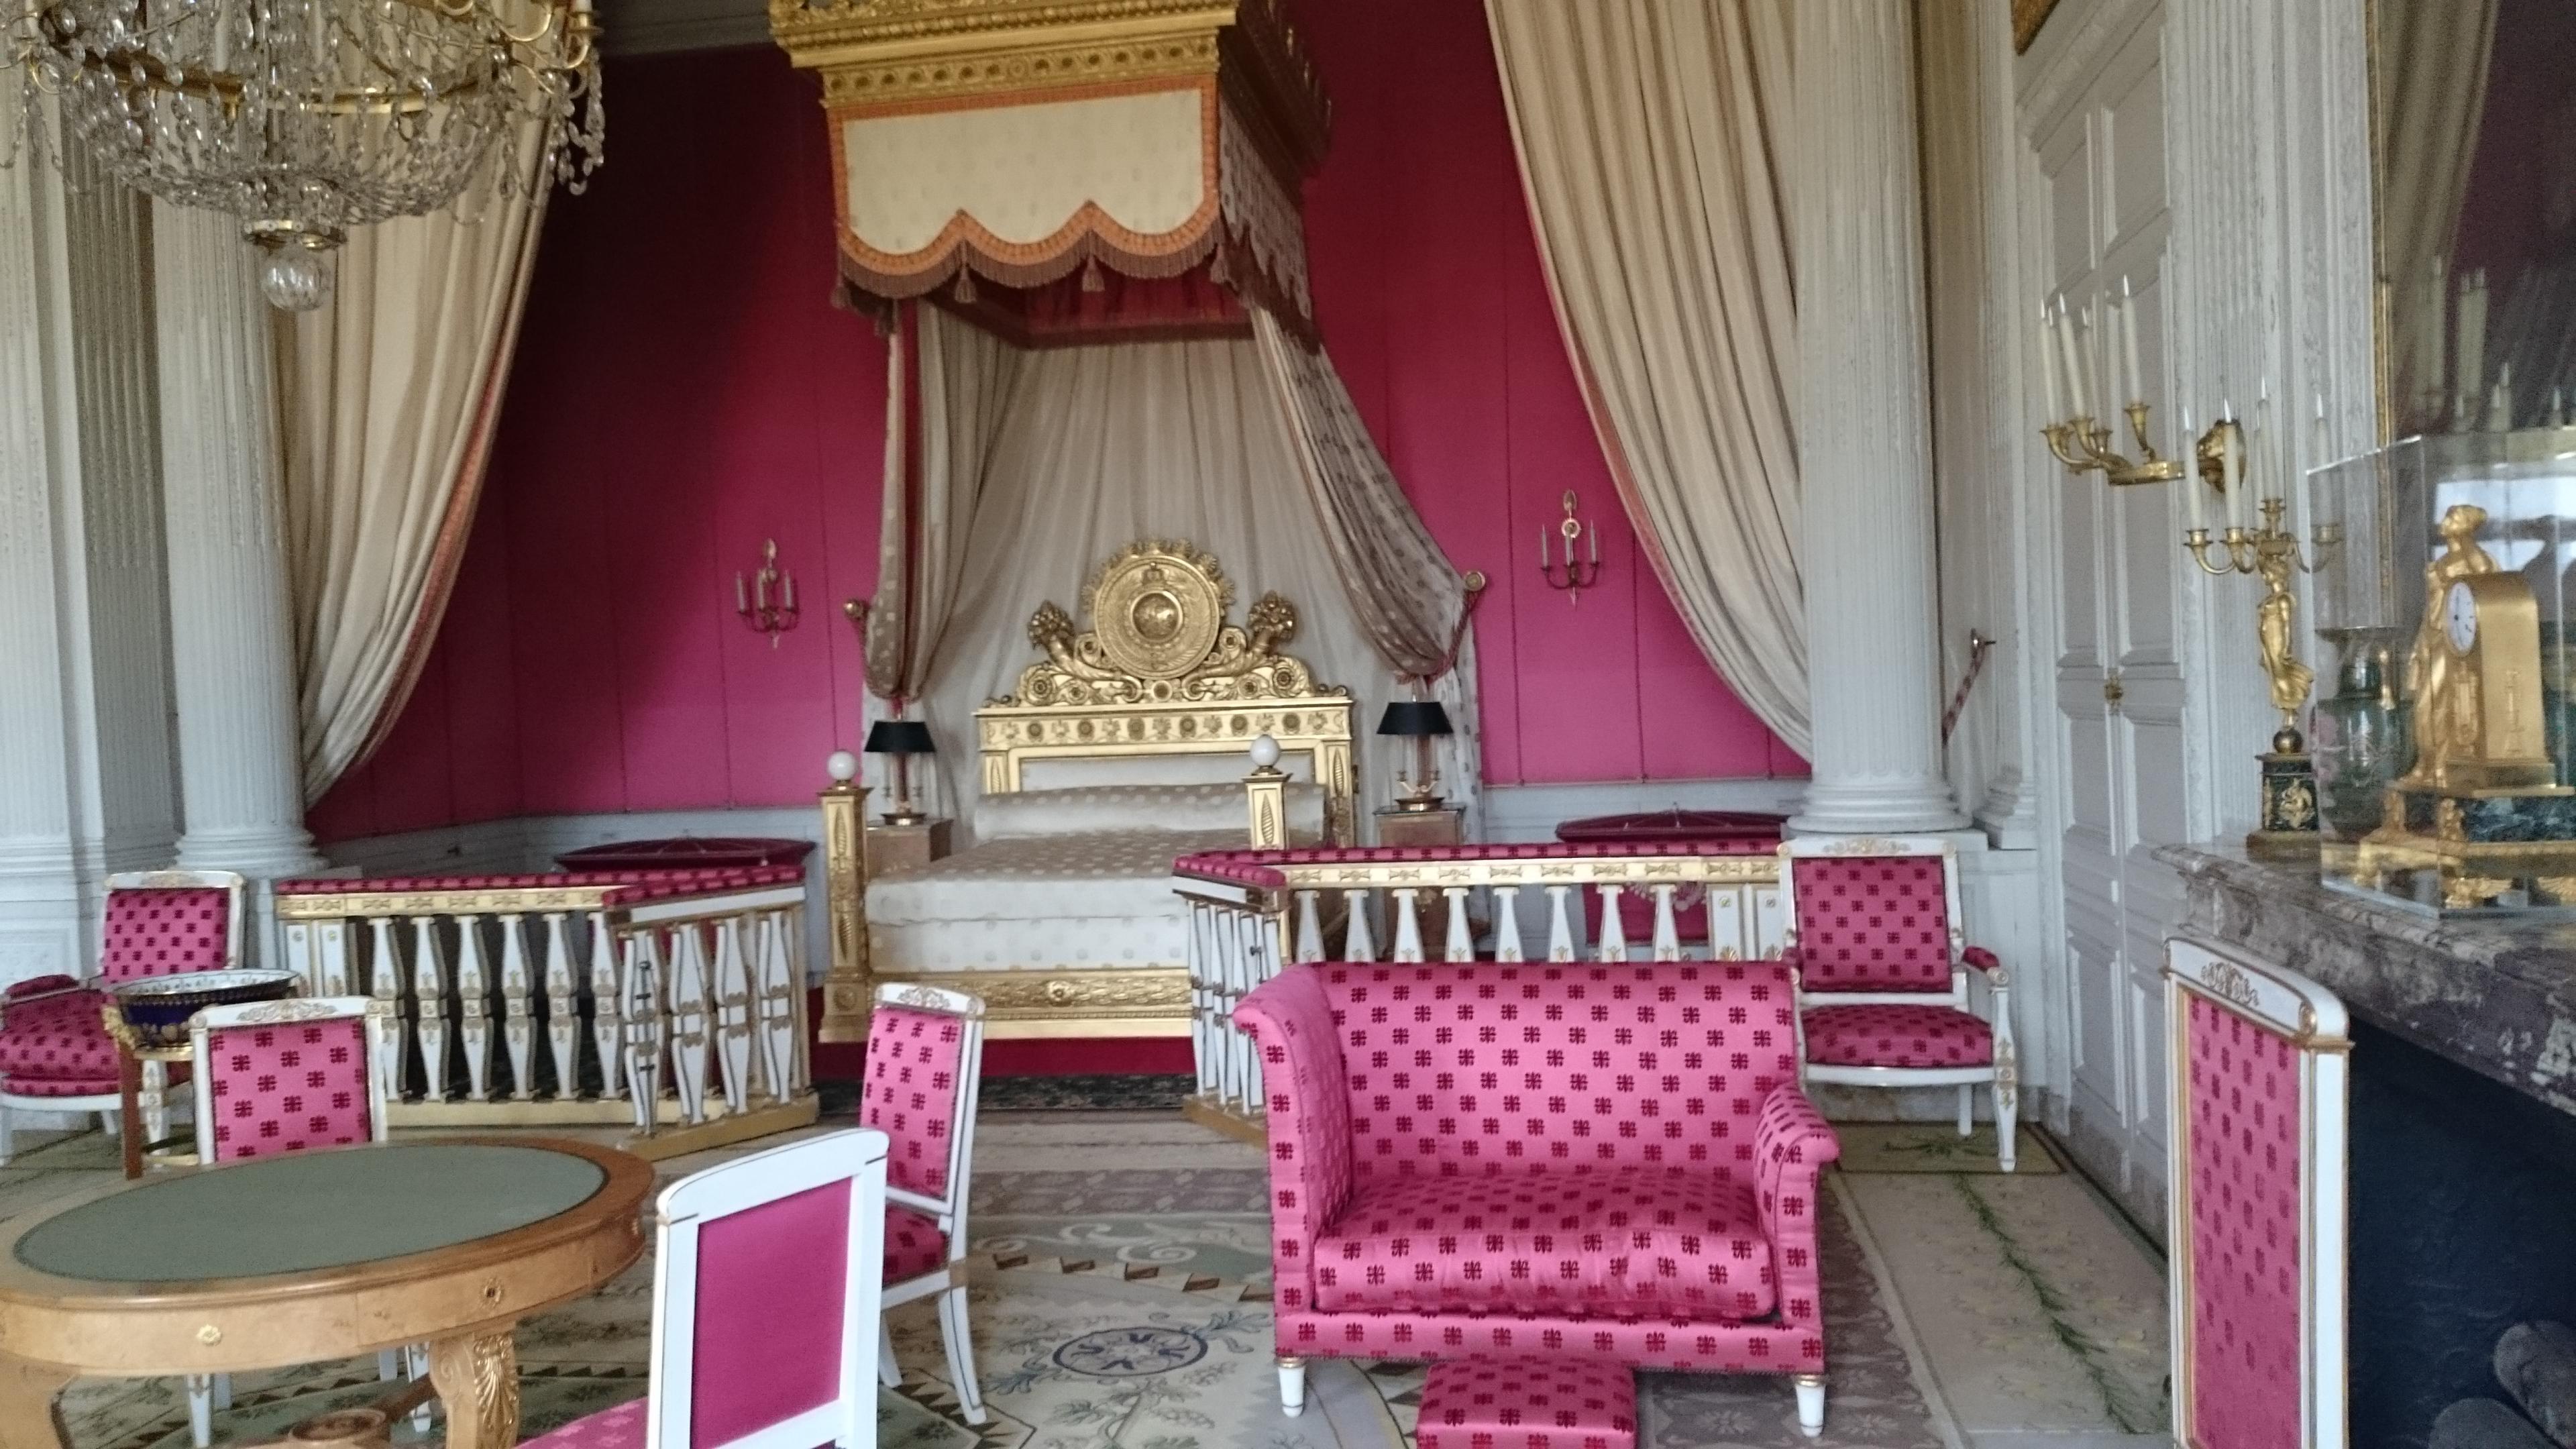 dsc 1202 - Visita al Palacio de Versalles: Como ir, cuanto cuesta y tips II/III